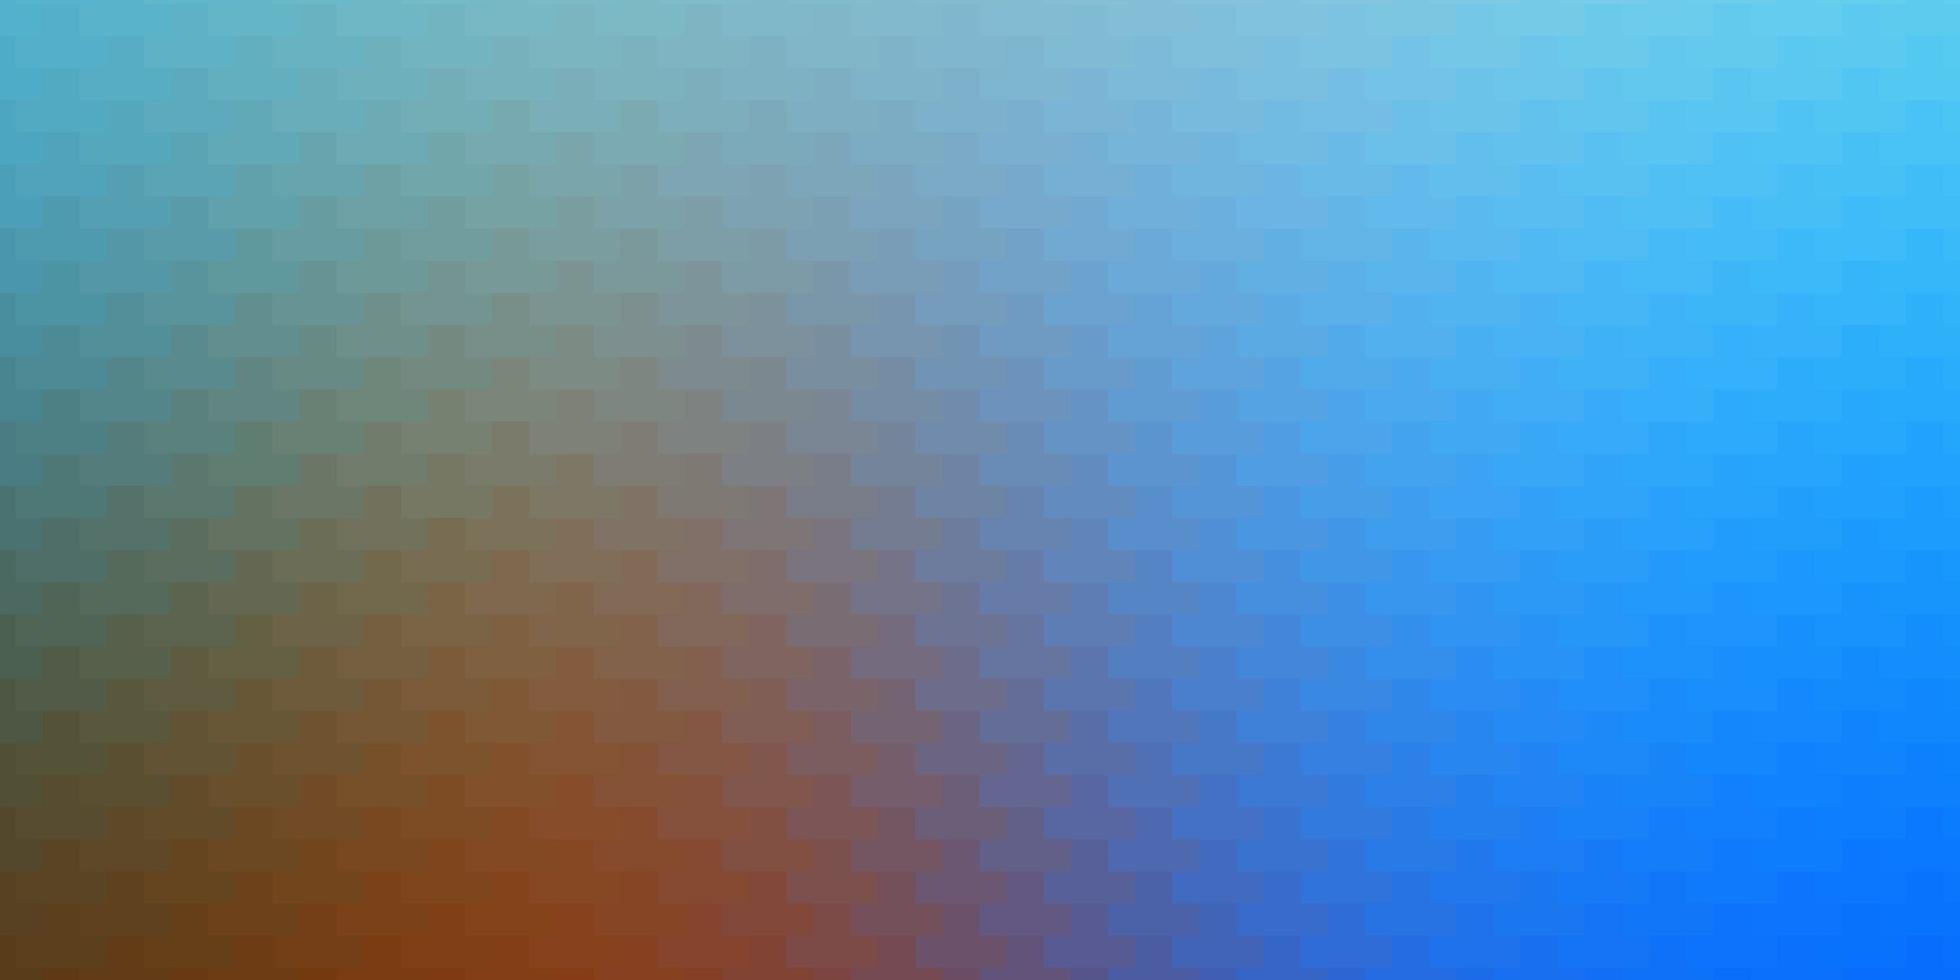 diseño azul claro con líneas, rectángulos. vector